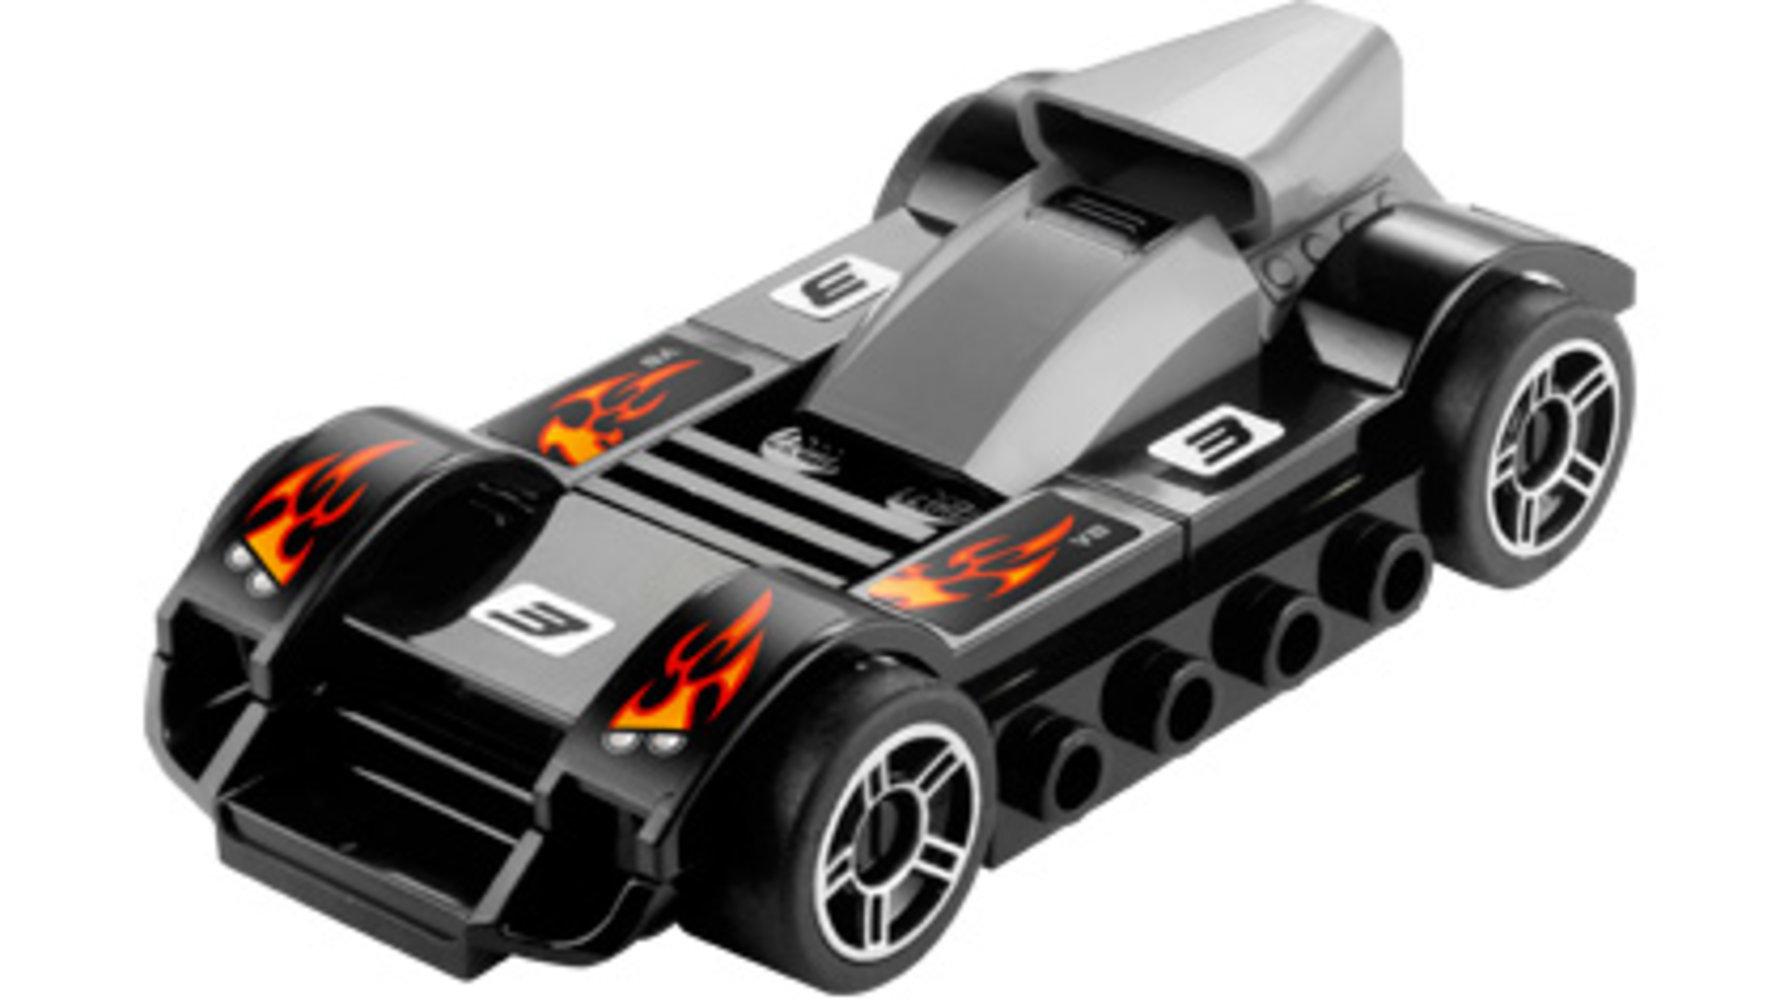 Le Mans Racer